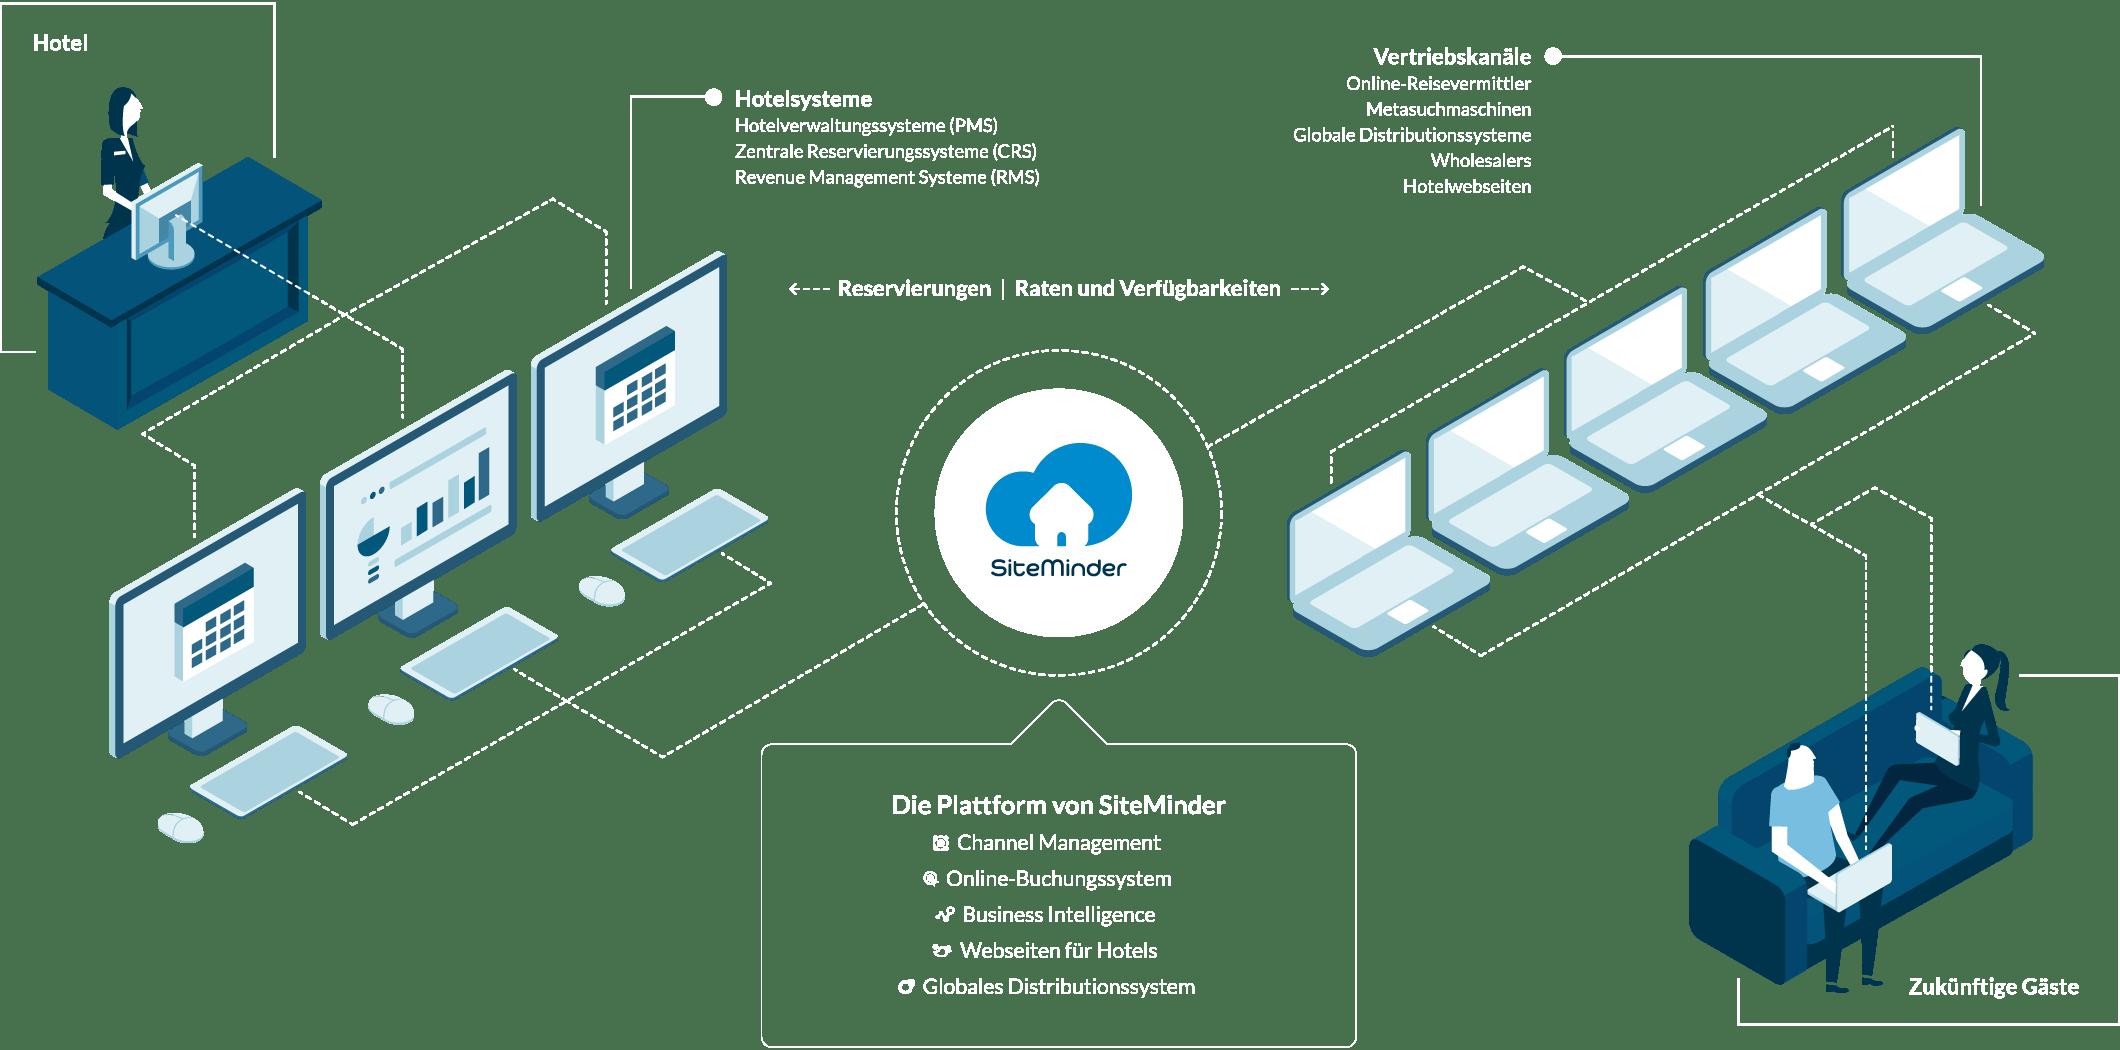 Die Plattform von SiteMinder